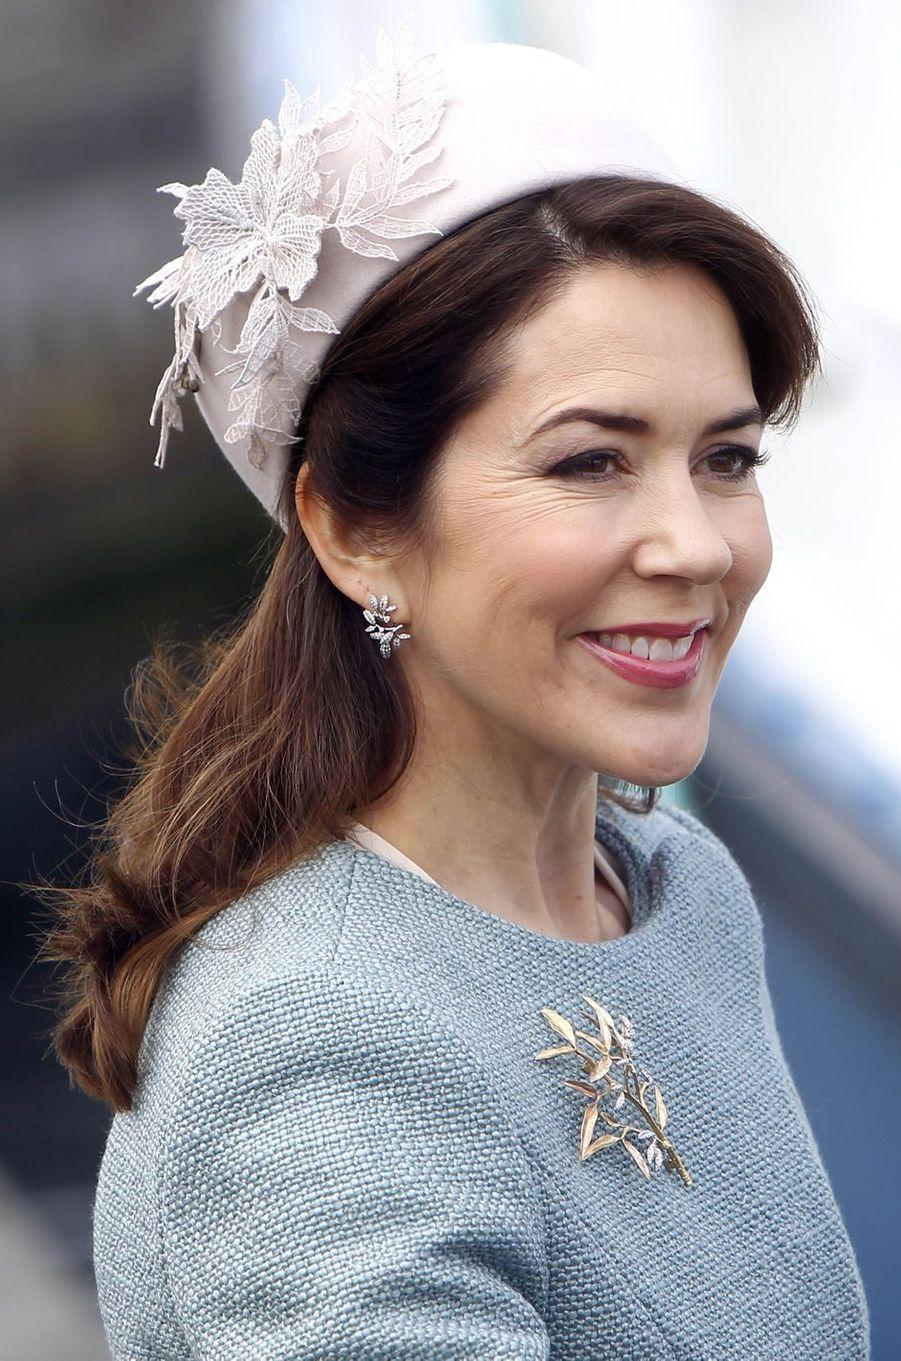 La princesse Mary de Danemark à Copenhague, le 28 mars 2017